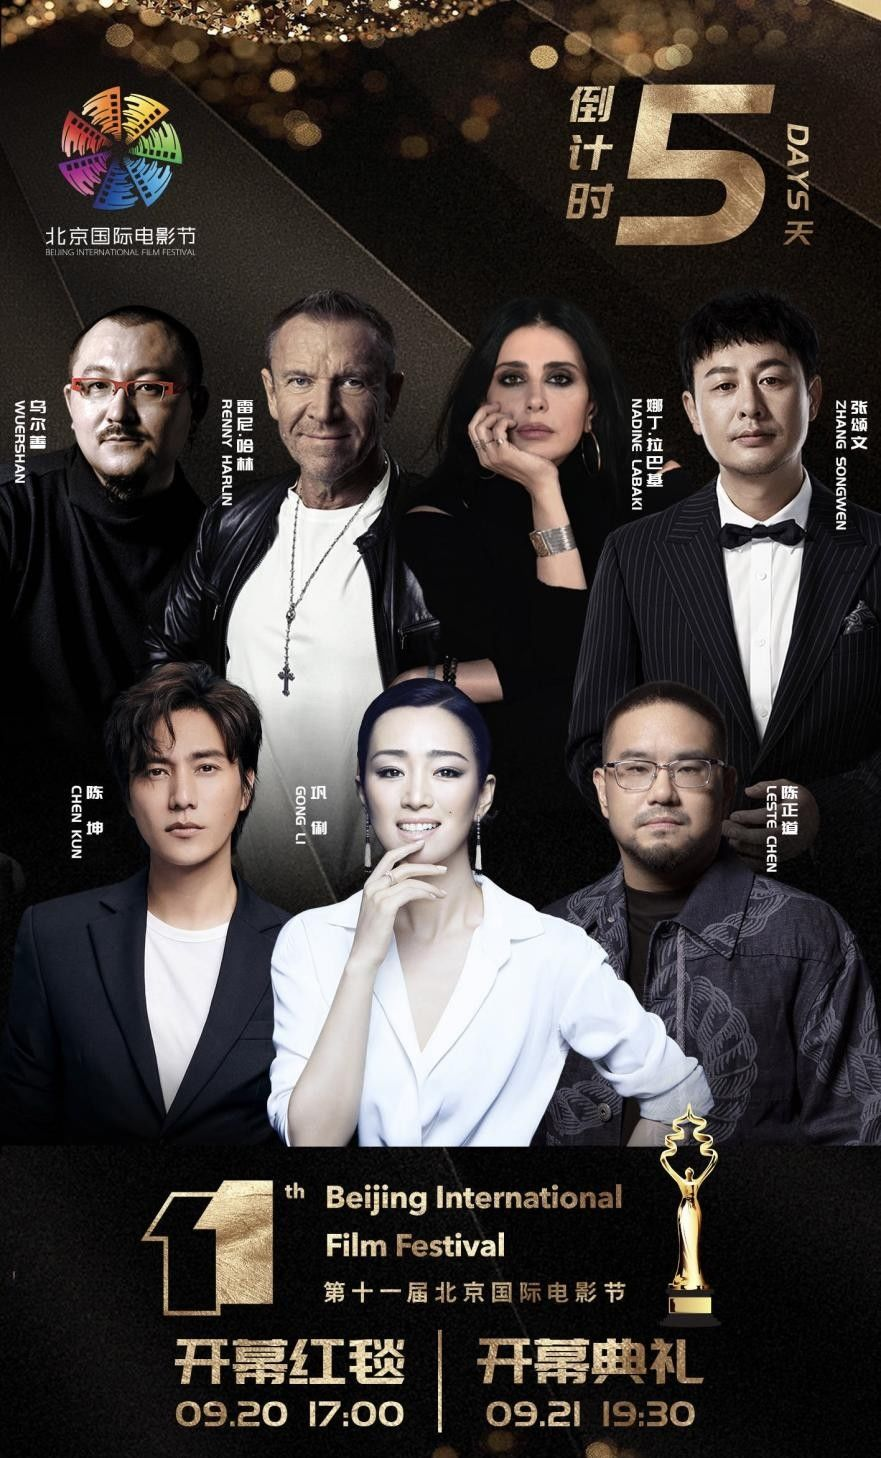 巩俐将带陈坤出席开幕式 她有10部电影要上映 长津湖会专门上映